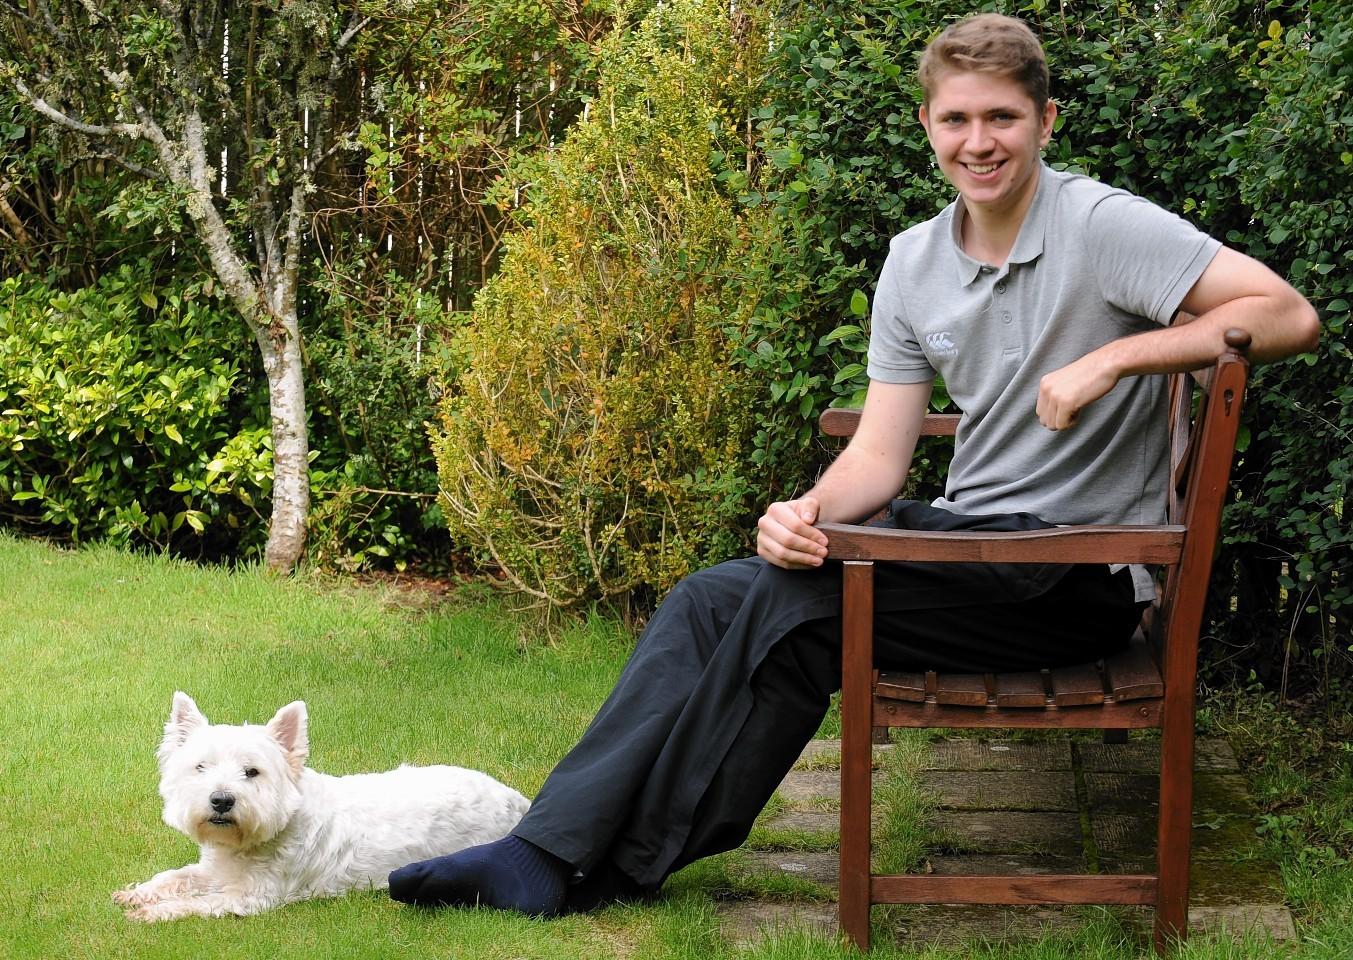 Shaun Hodgson